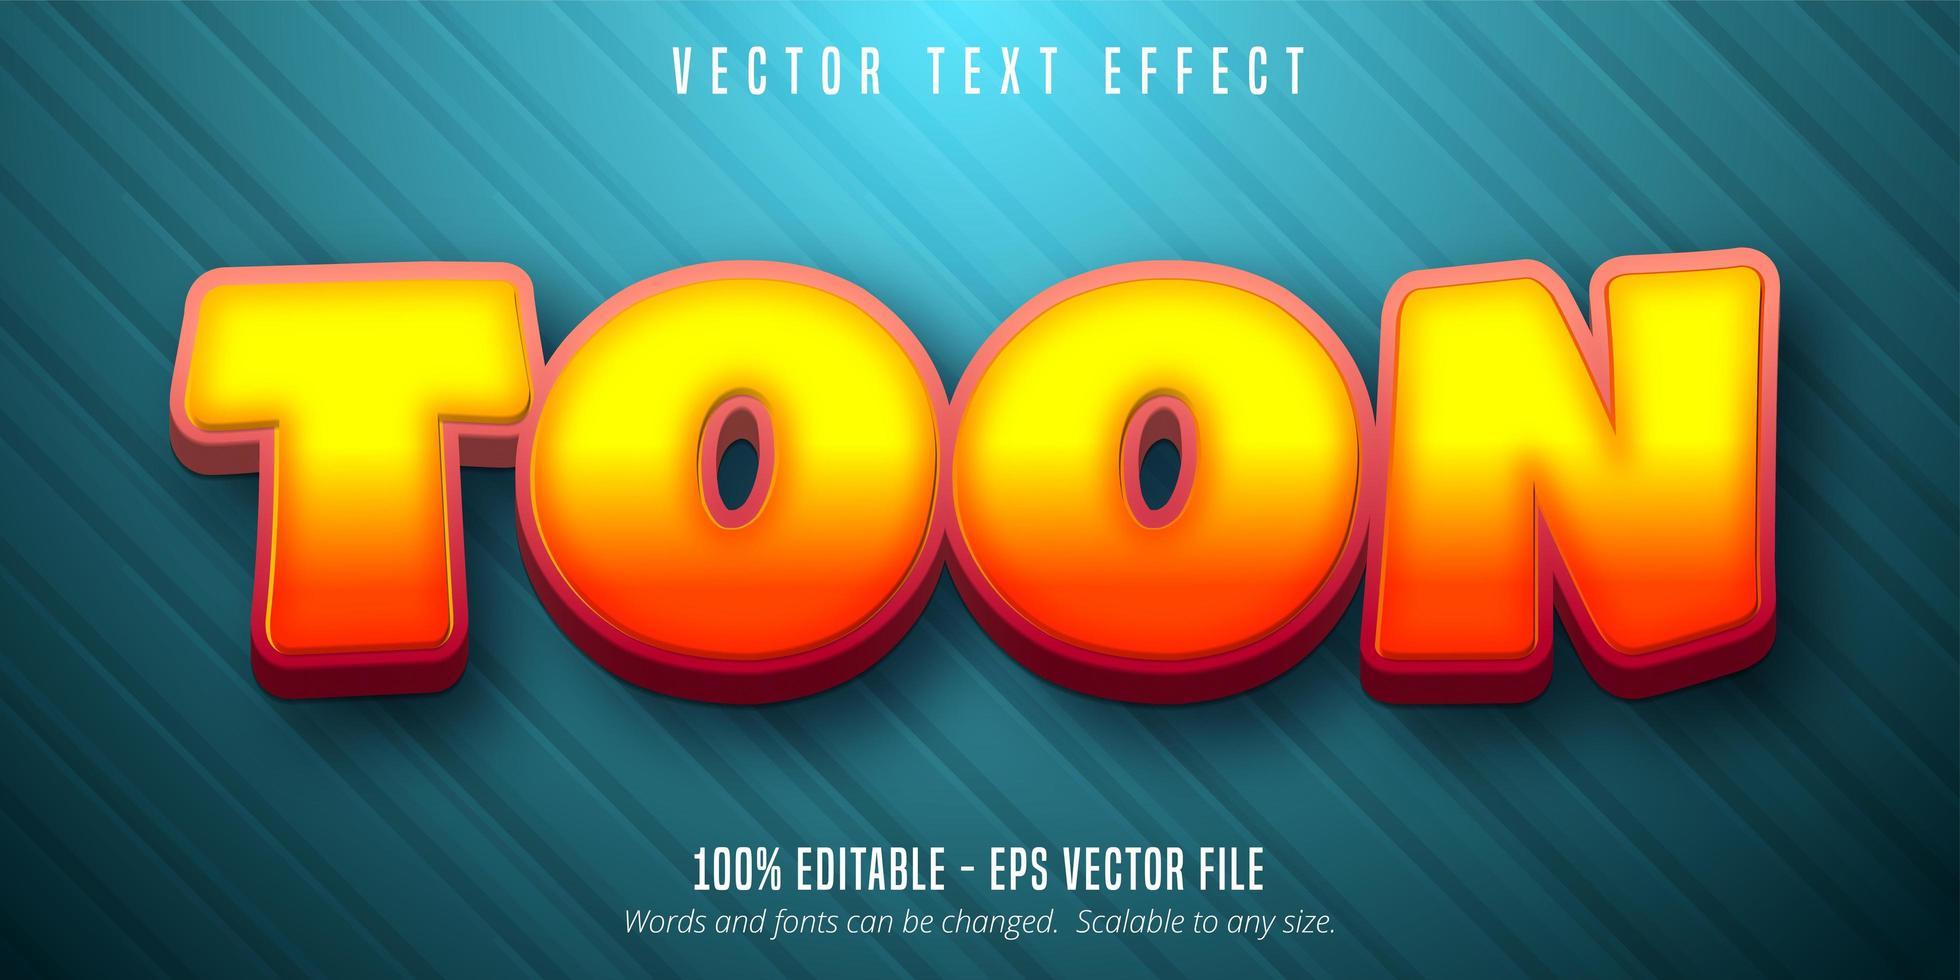 toon text effetto di testo modificabile in stile cartone animato vettore